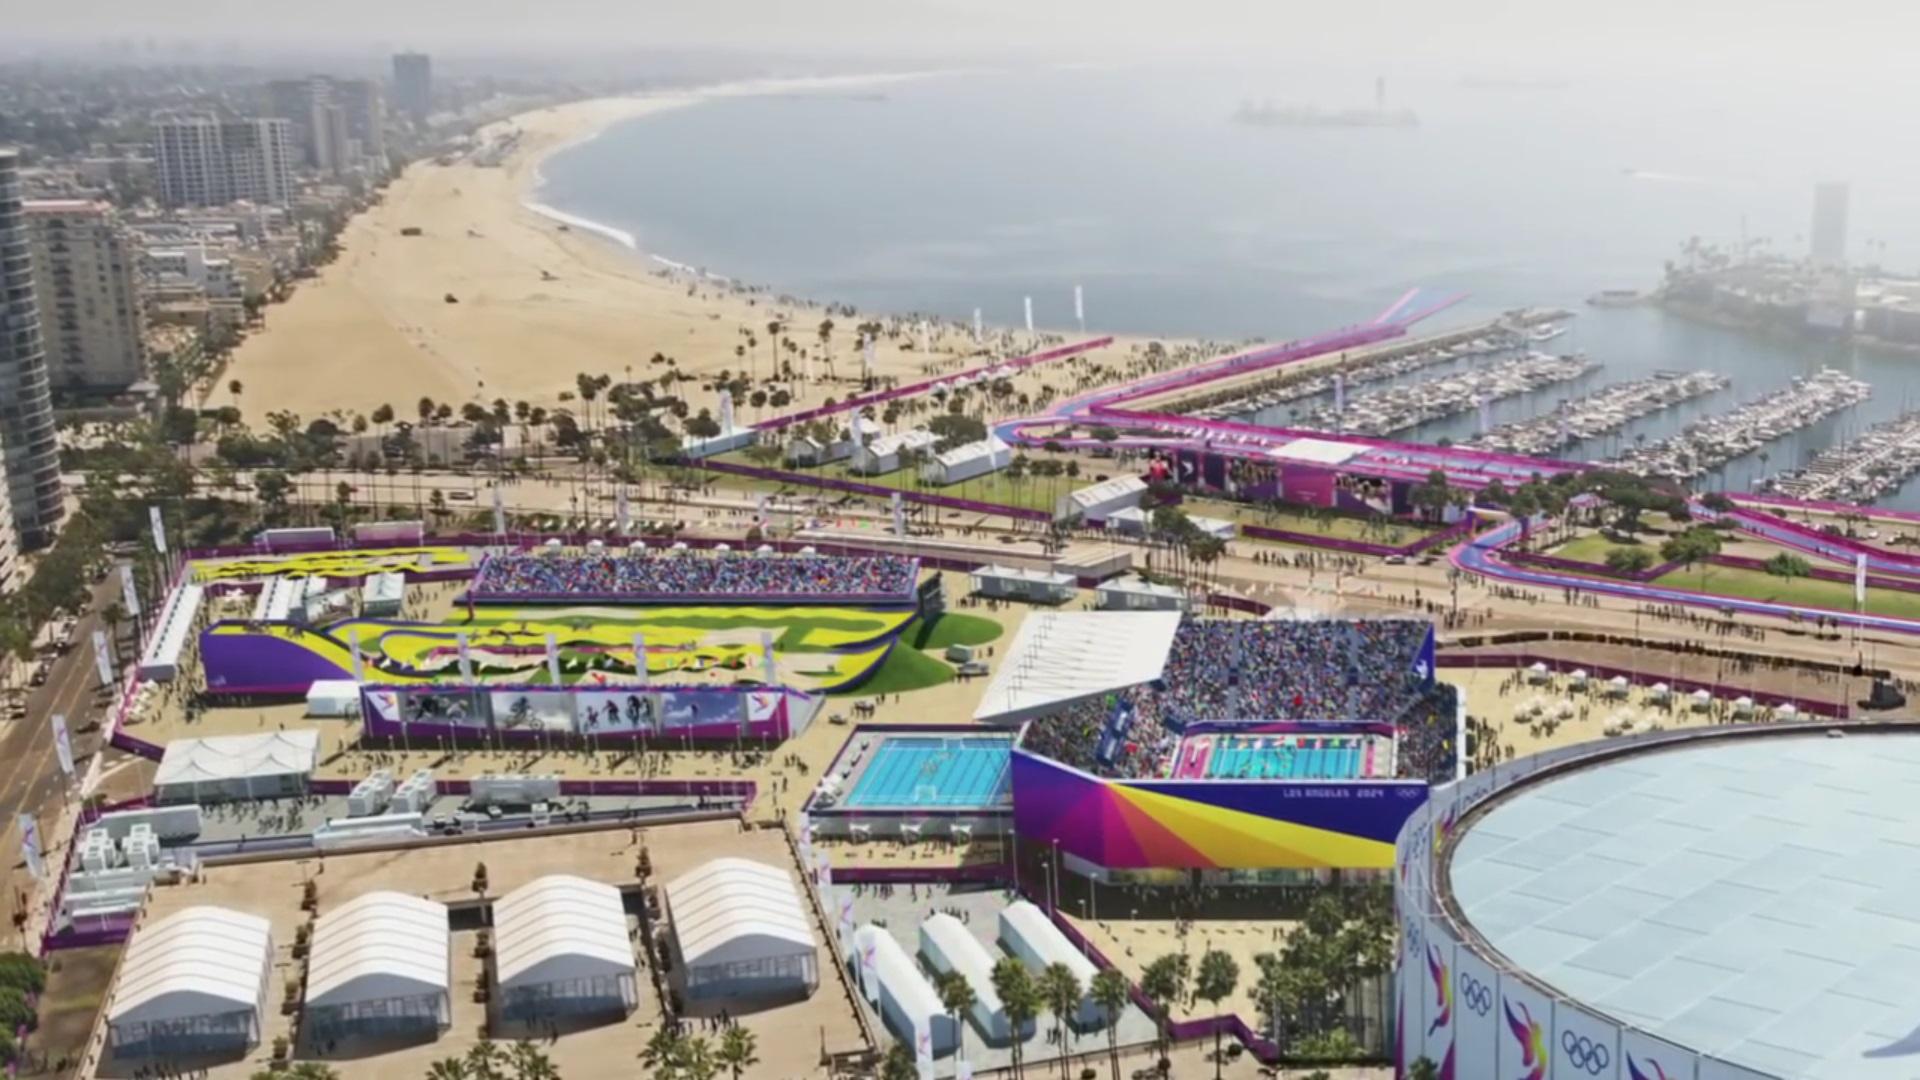 2024-los-angeles-olympic-venues-02.jpg